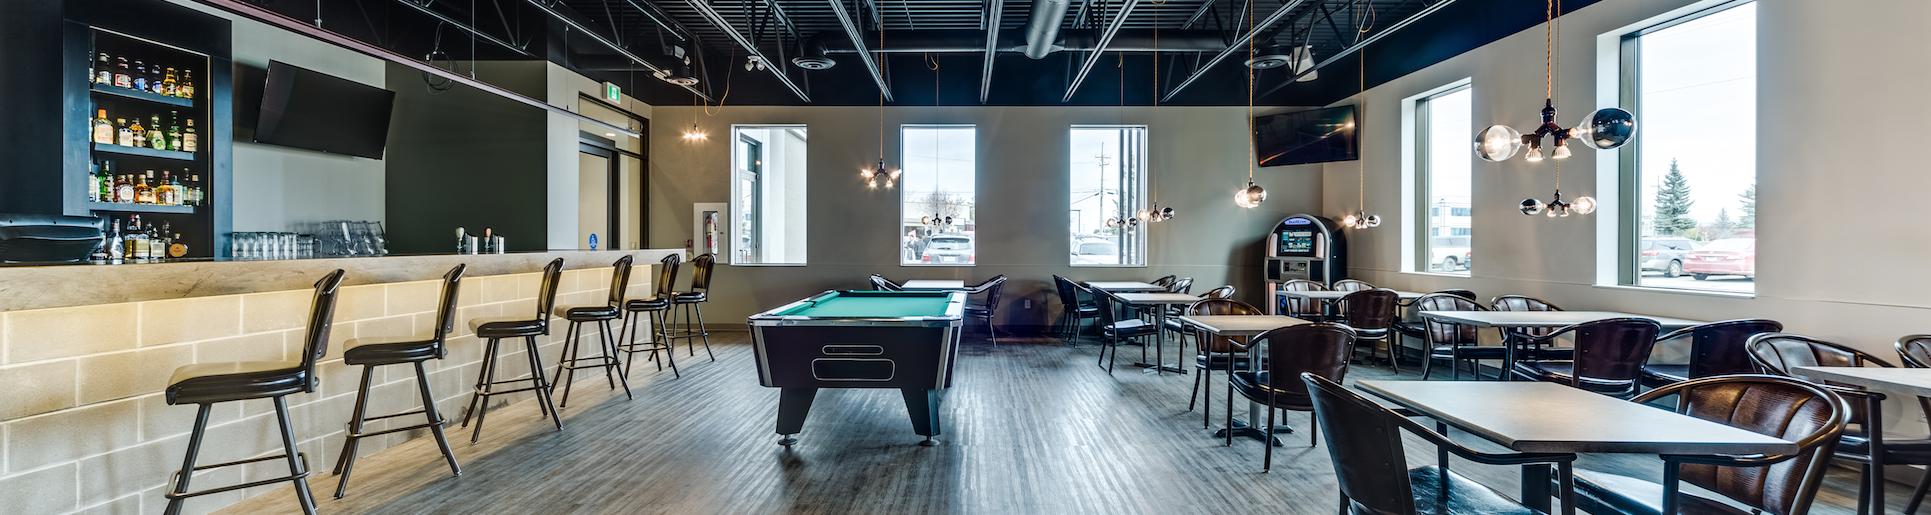 Heritage Lounge 171 Saskatoon Sk 171 Heritage Inn Hotels